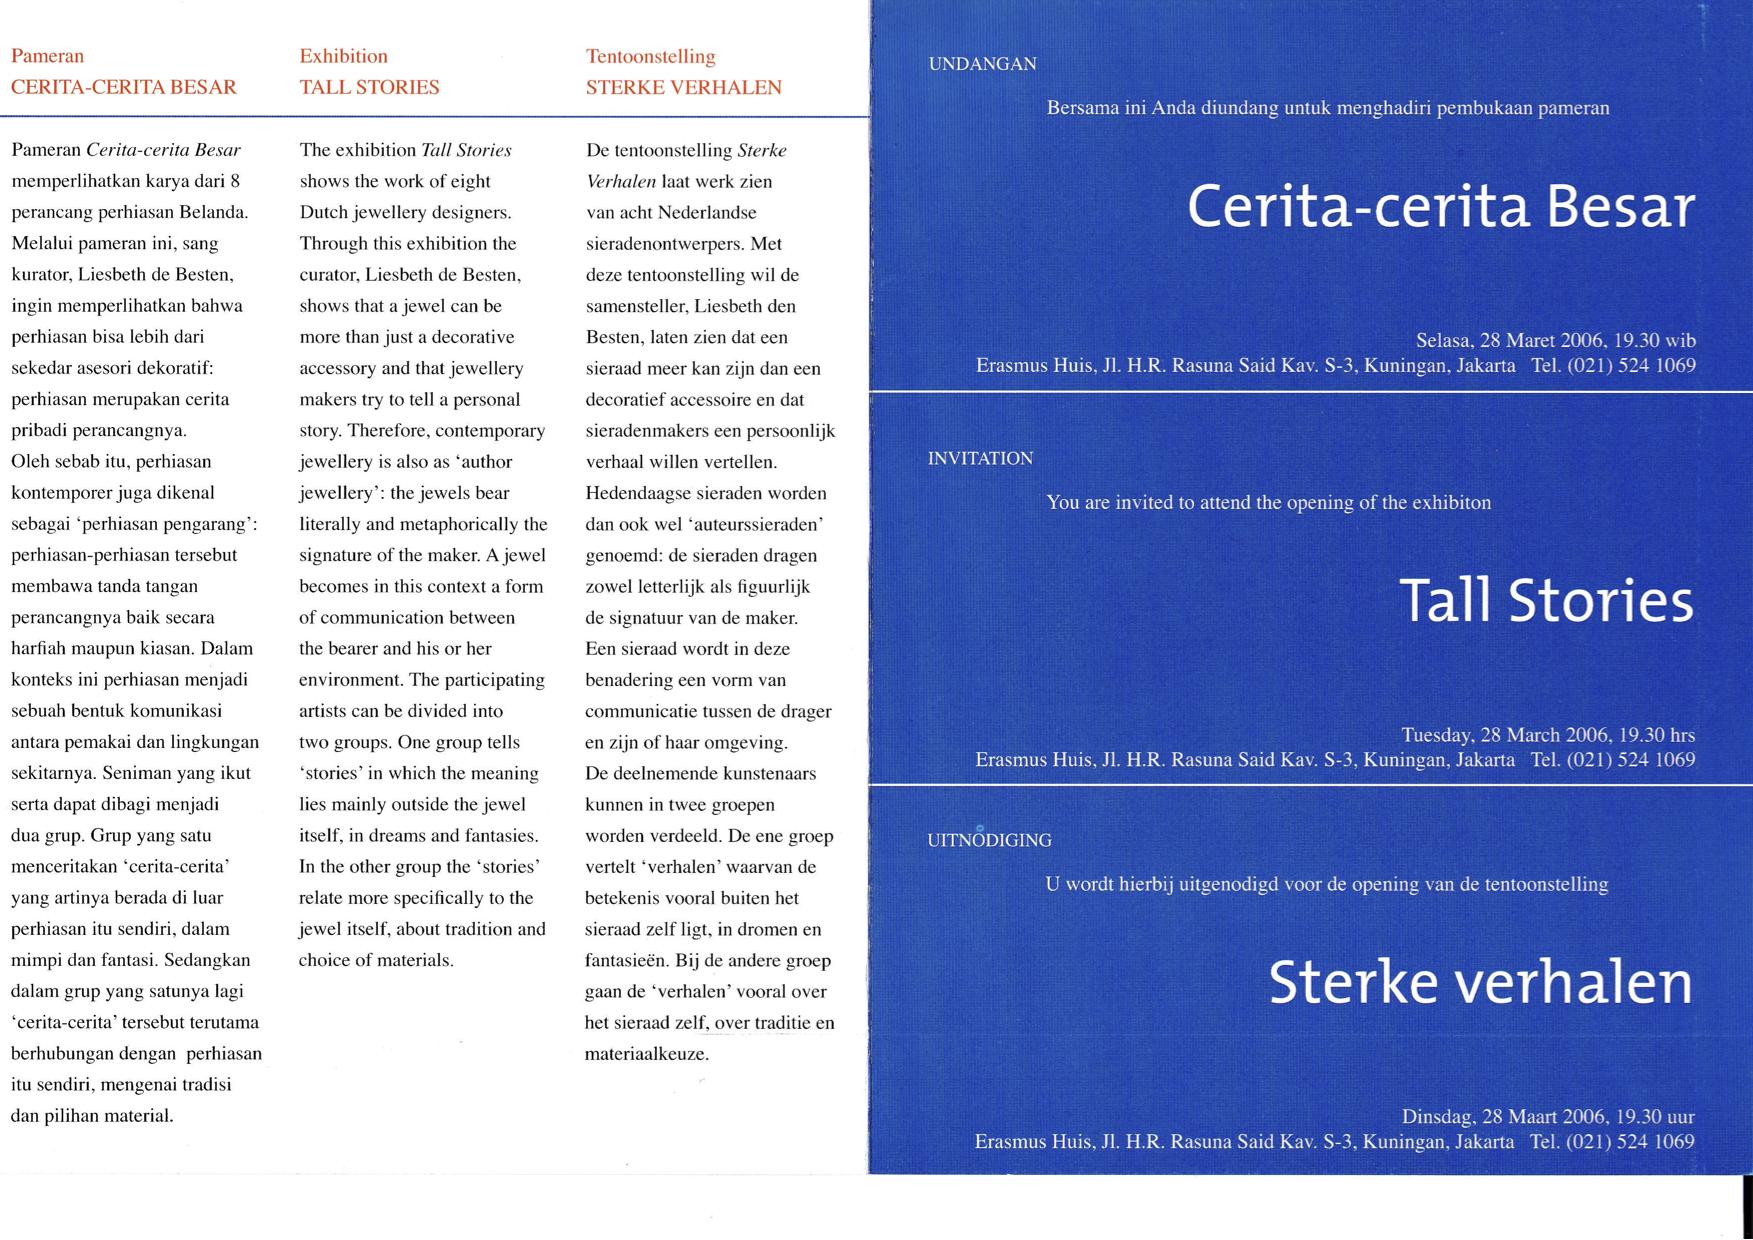 Sterke Verhalen, hedendaagse verhalende sieraden uit Nederland, Stedelijk Museum 's-Hertogenbosch, 2006, tekst